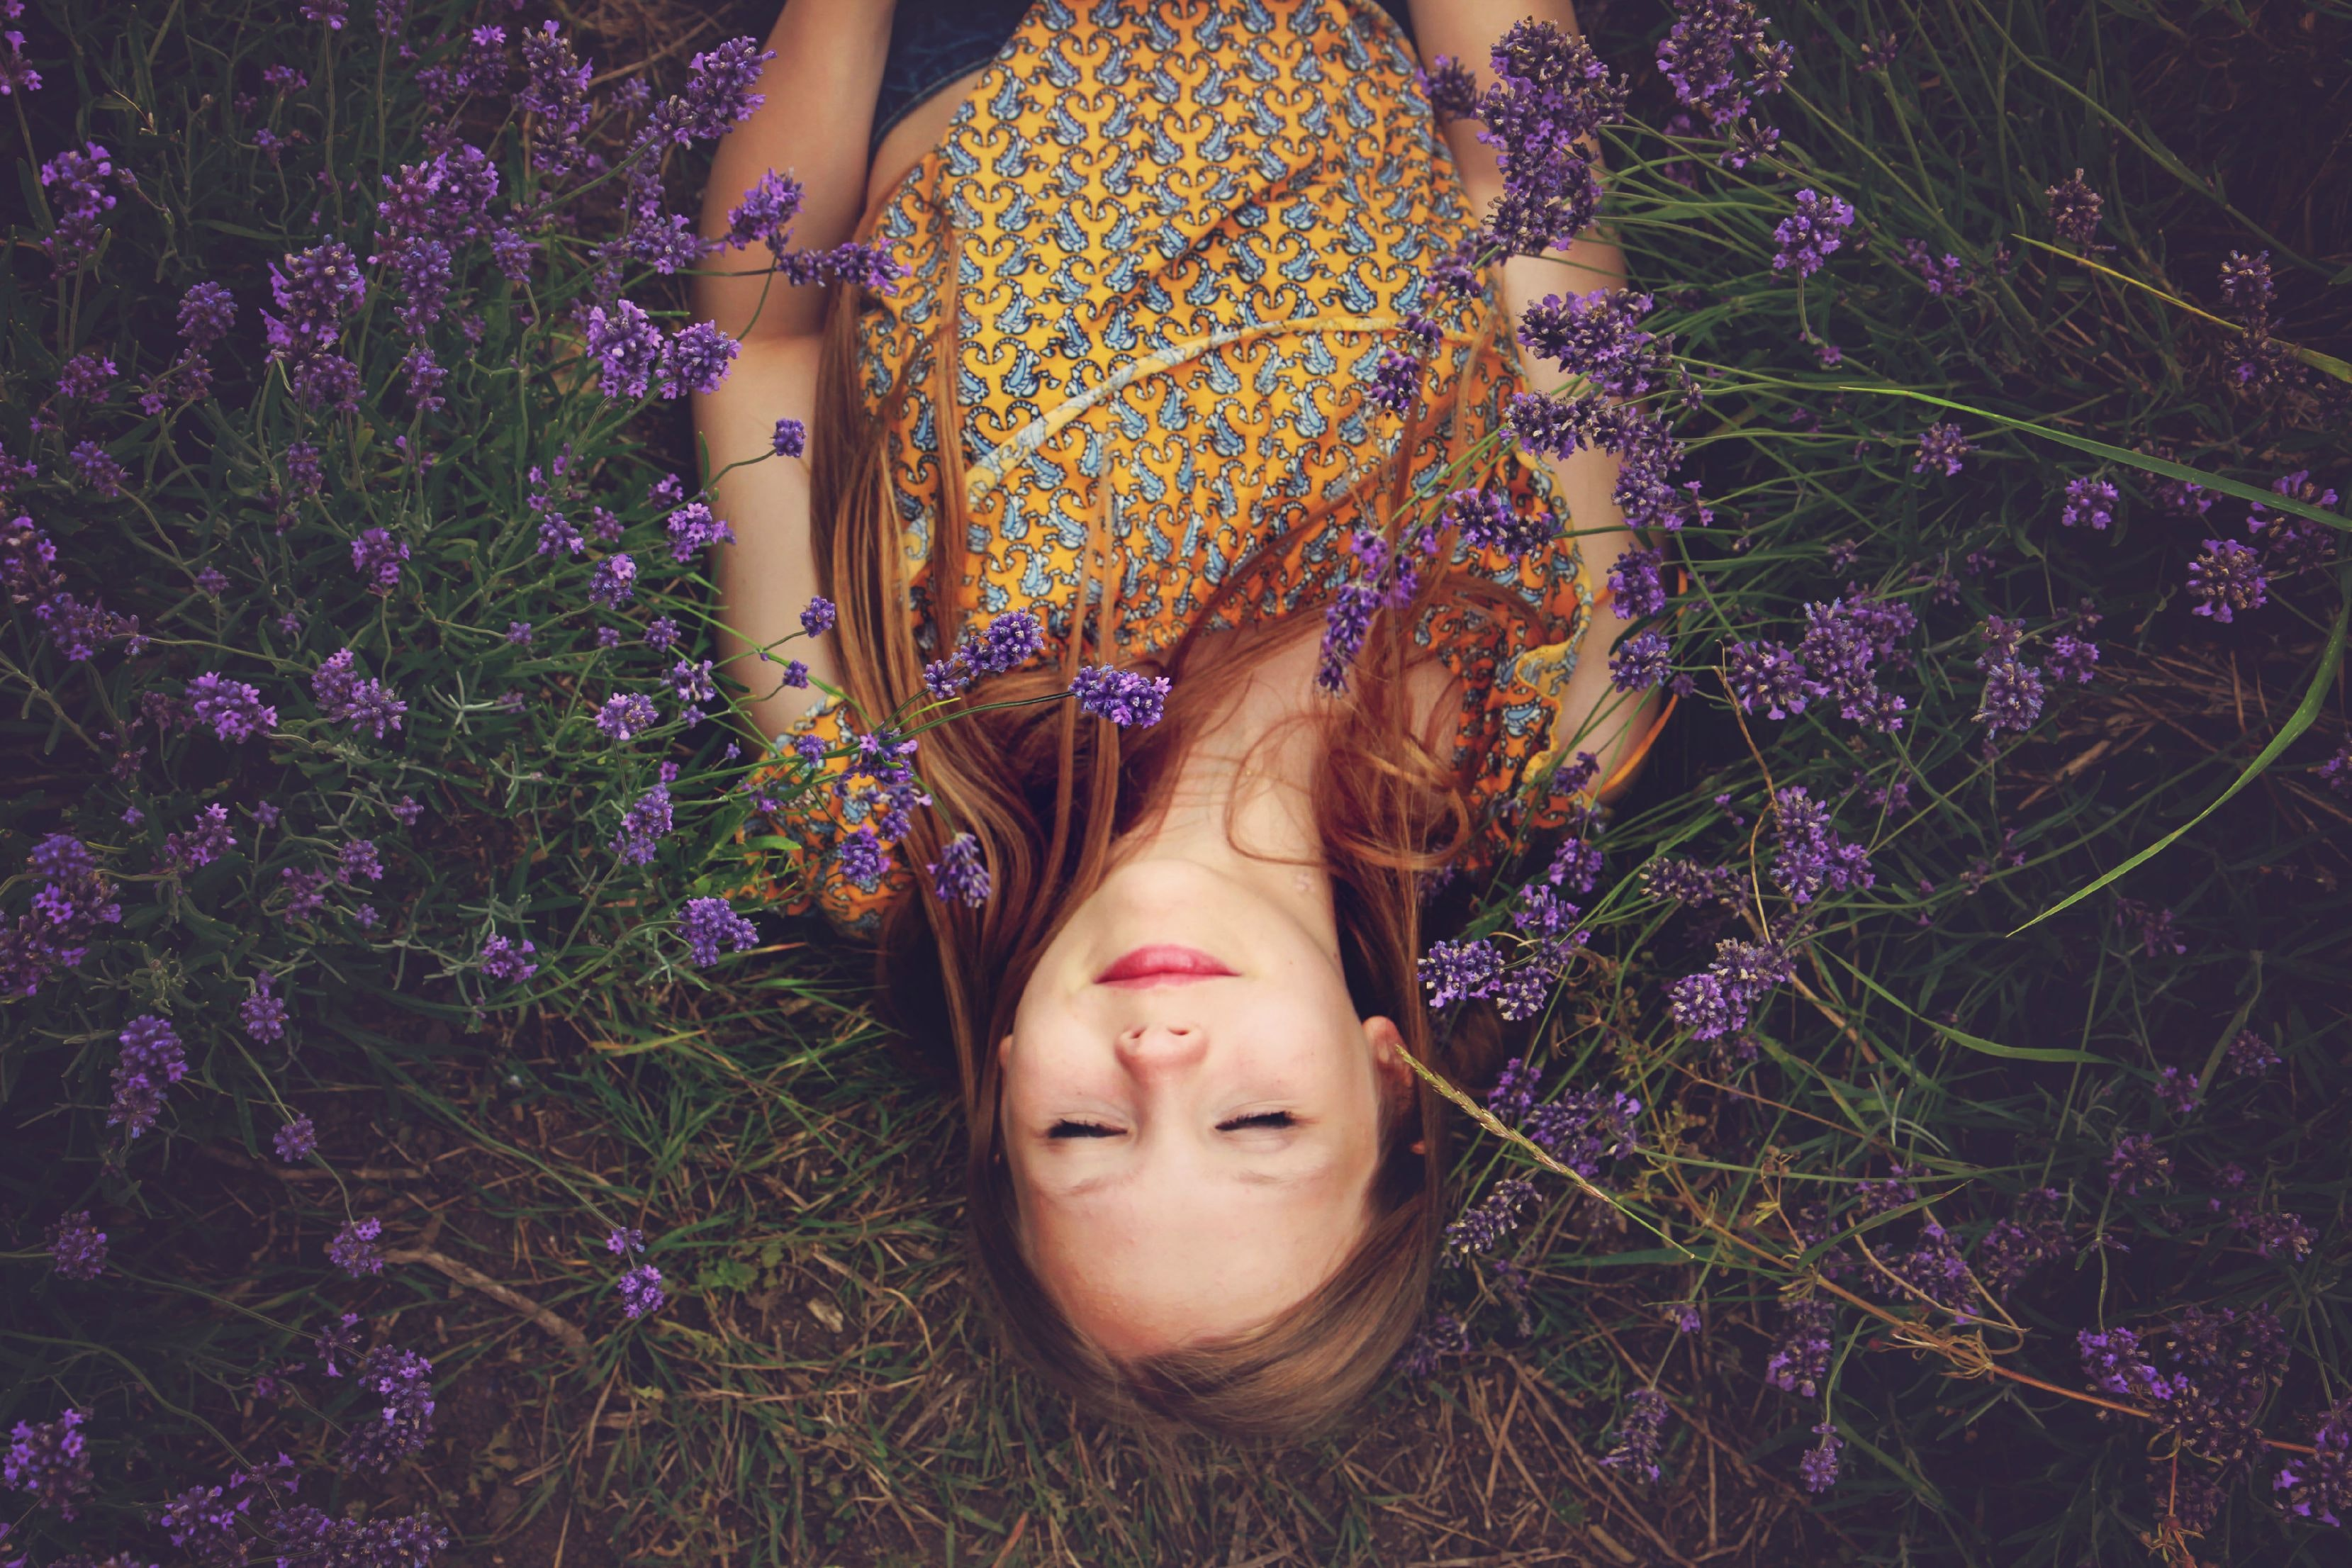 Ansiosos por nada: 10 prácticas para dejarle a Dios tu ansiedad